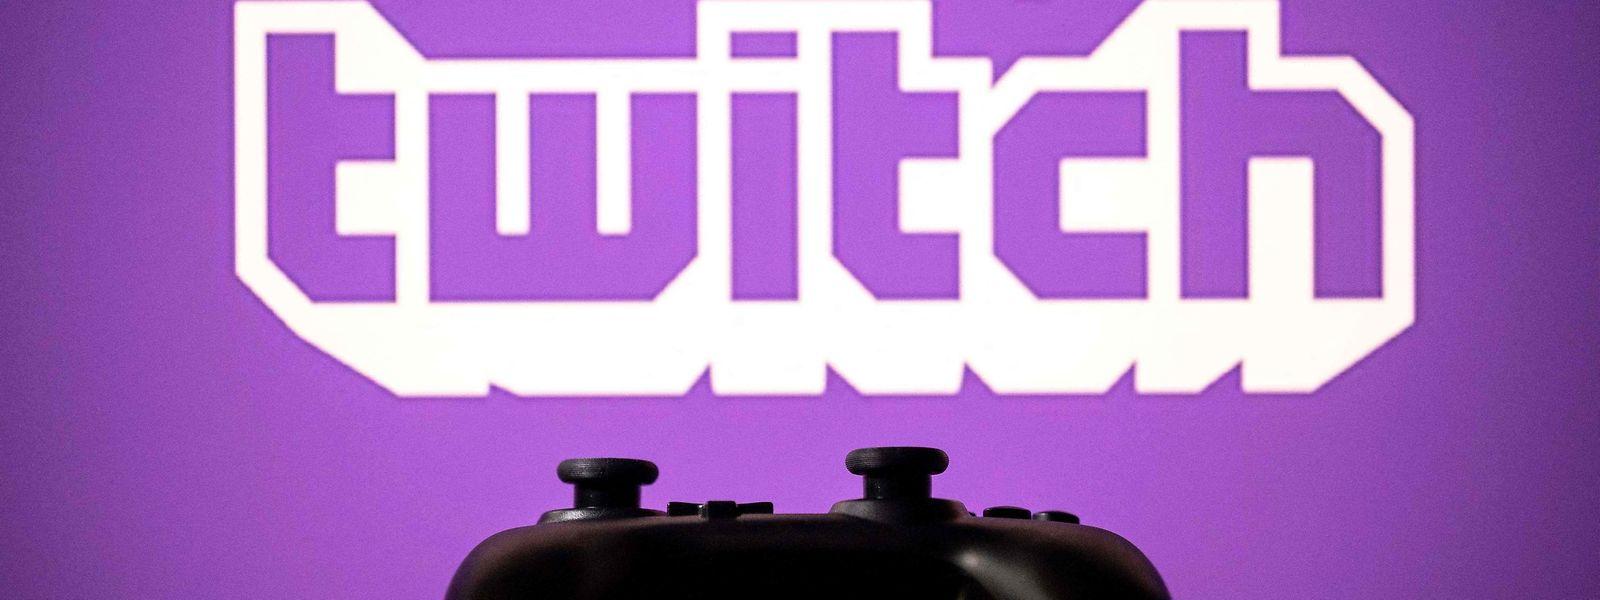 Auf Twitch schauen Millionen Menschen zu, wie andere live Games spielen und sich dabei selbst kommentieren.